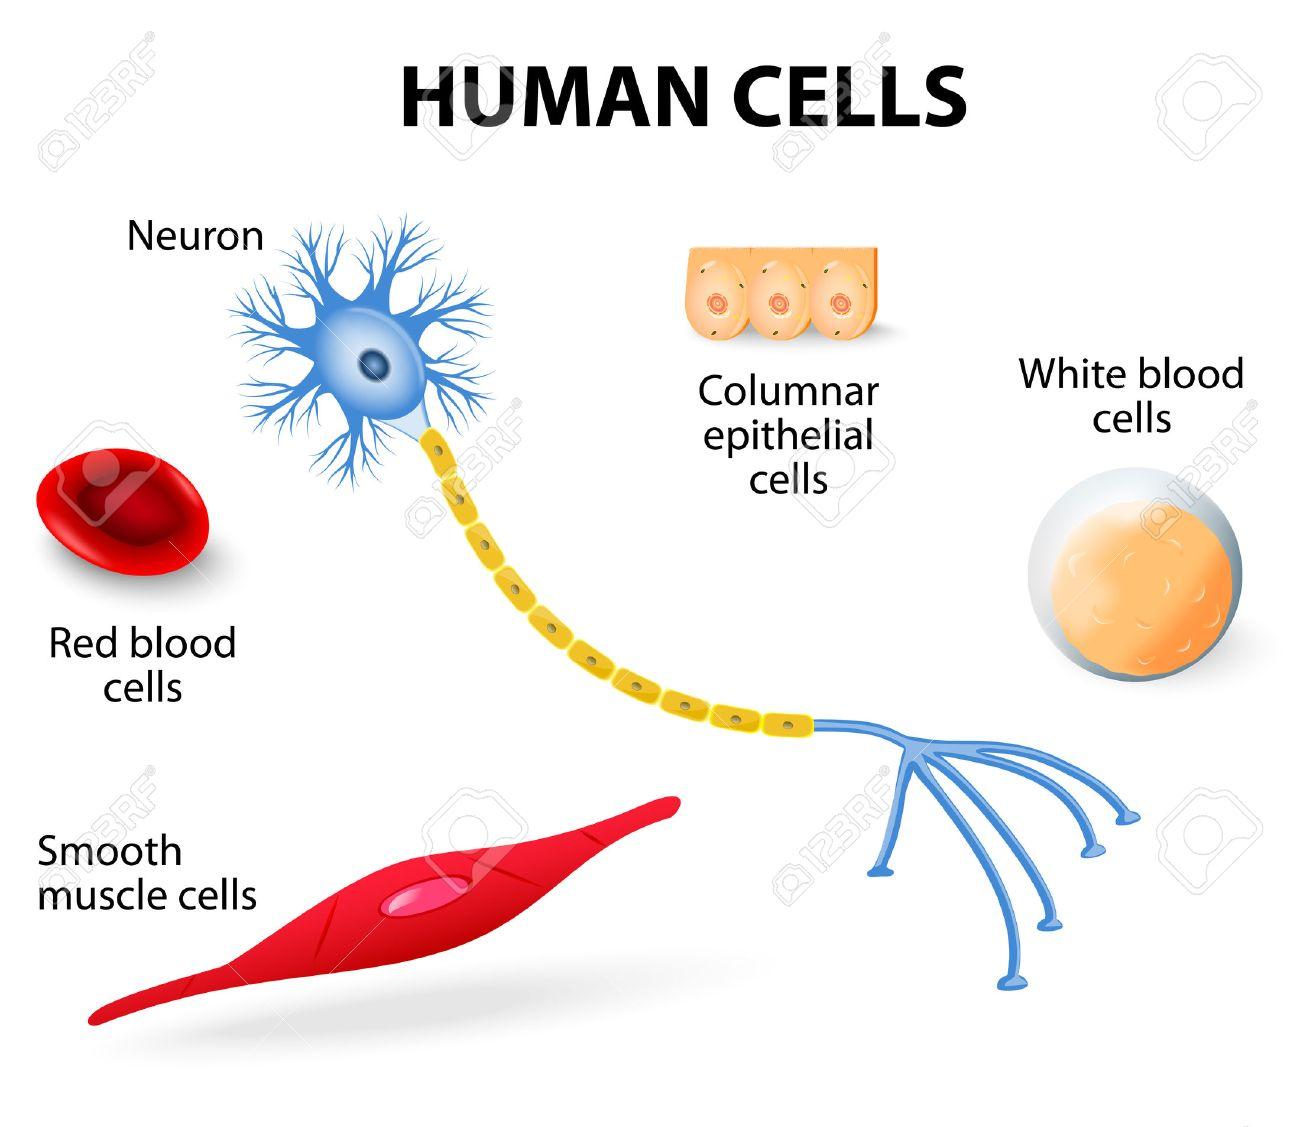 Anatomie Der Menschlichen Zellen Neuron, Rote Und Weiße ...